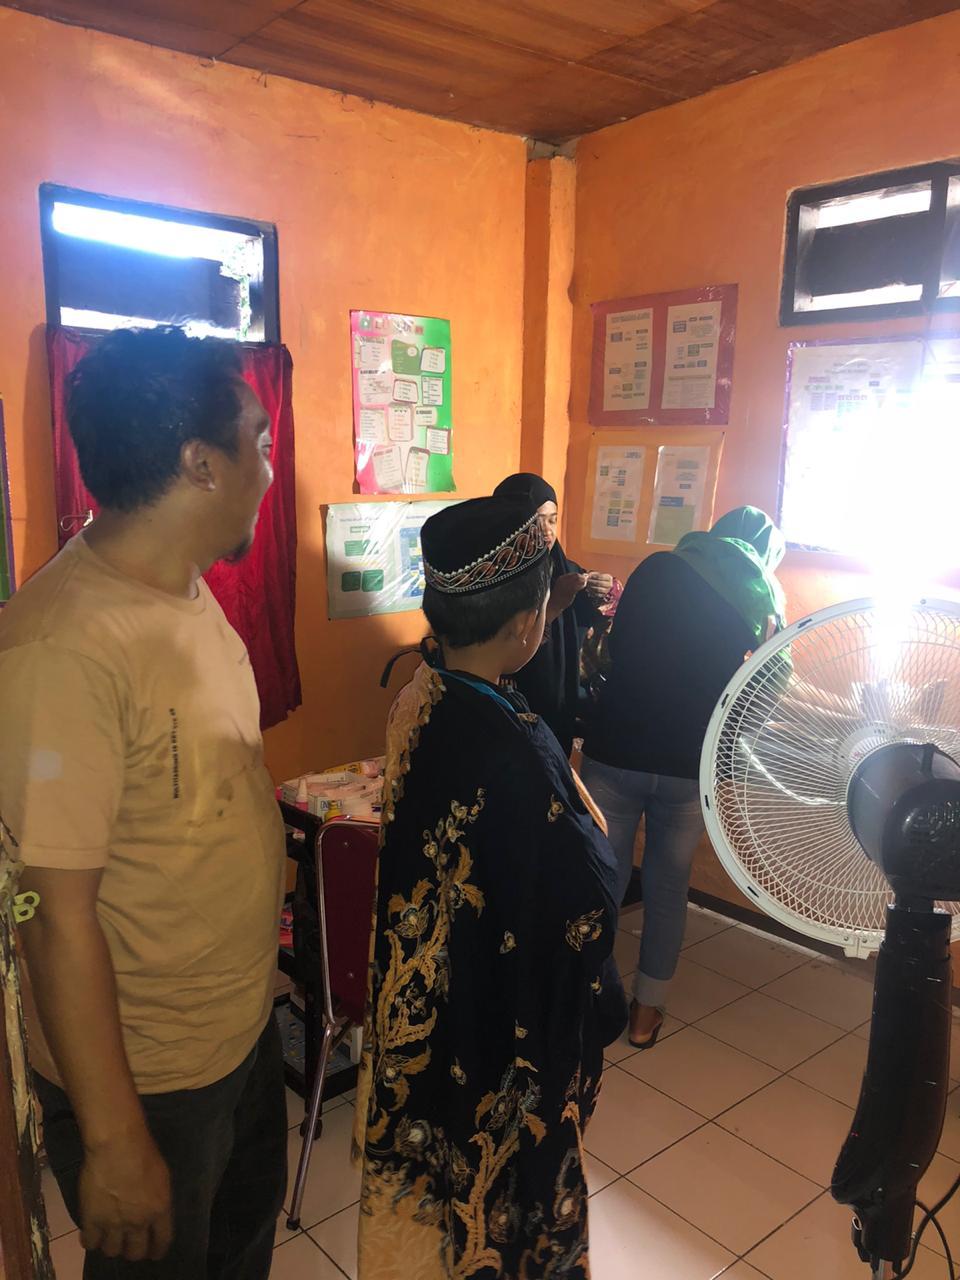 Peringati HUT RI Ke - 75, Pemdes Bersama Karang Taruna Desa Tanah Harapan Gelar Sunat Massal